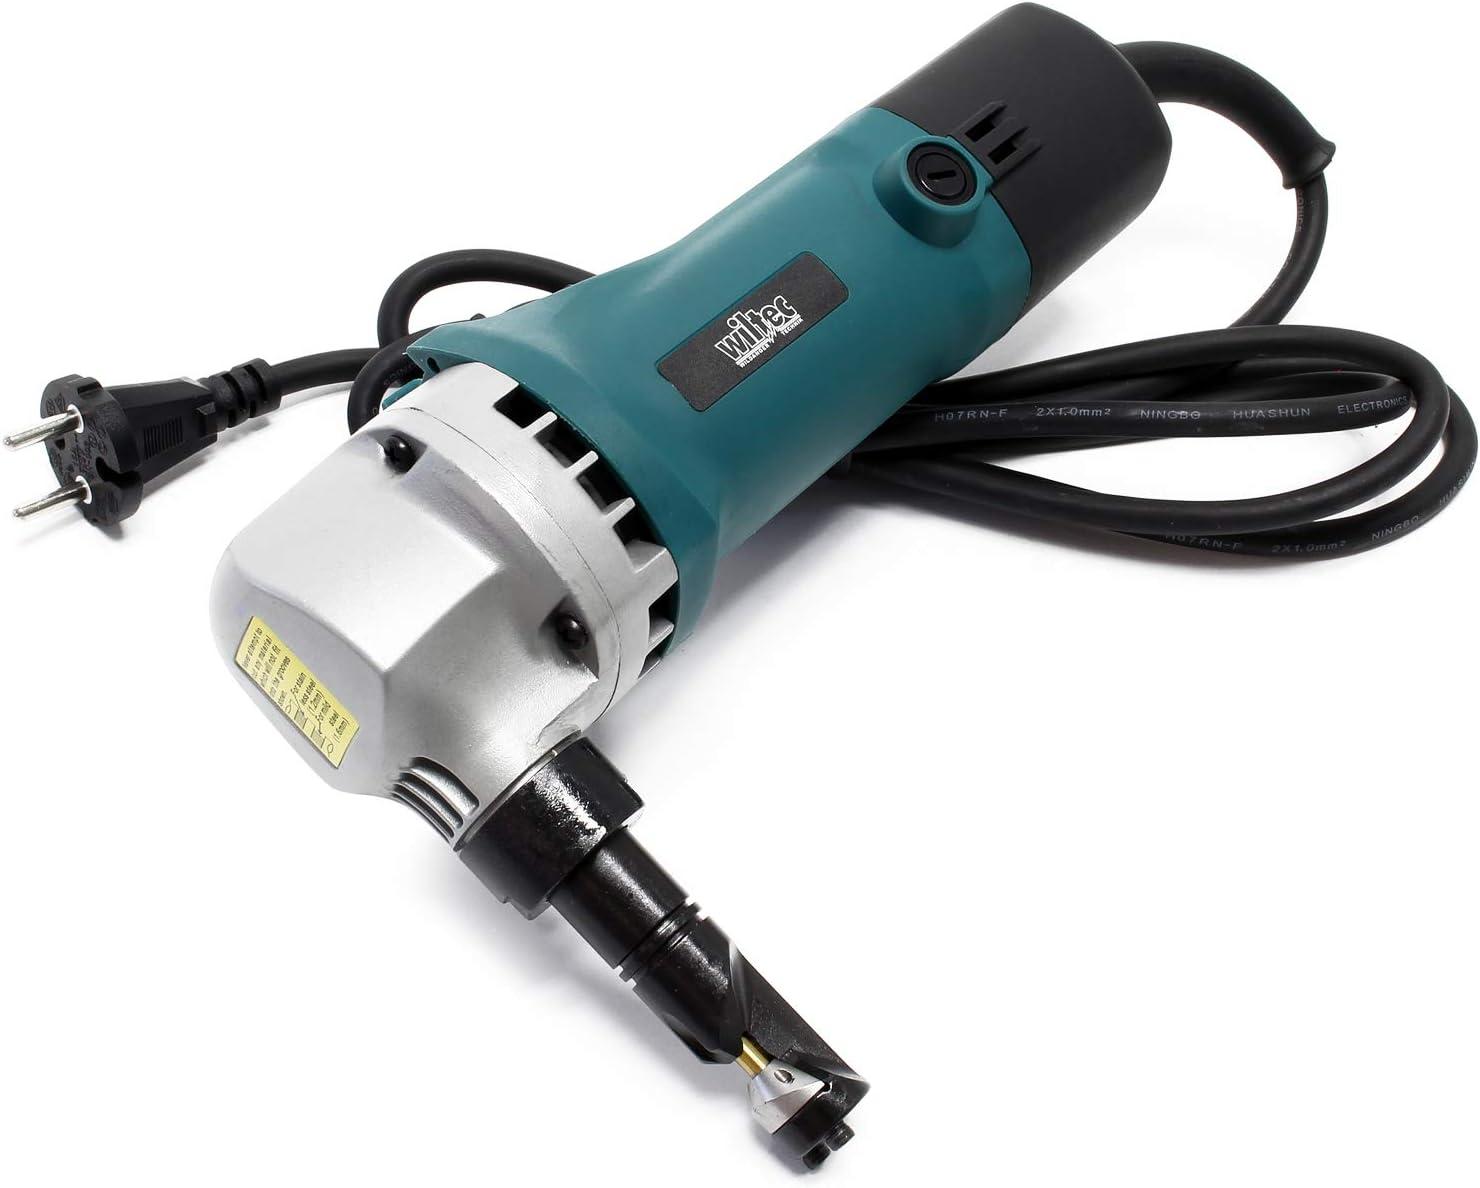 Cizalla eléctrica para chapa y plástico 500W, profundidad de corte 2,5mm, cabezal giratorio 360°